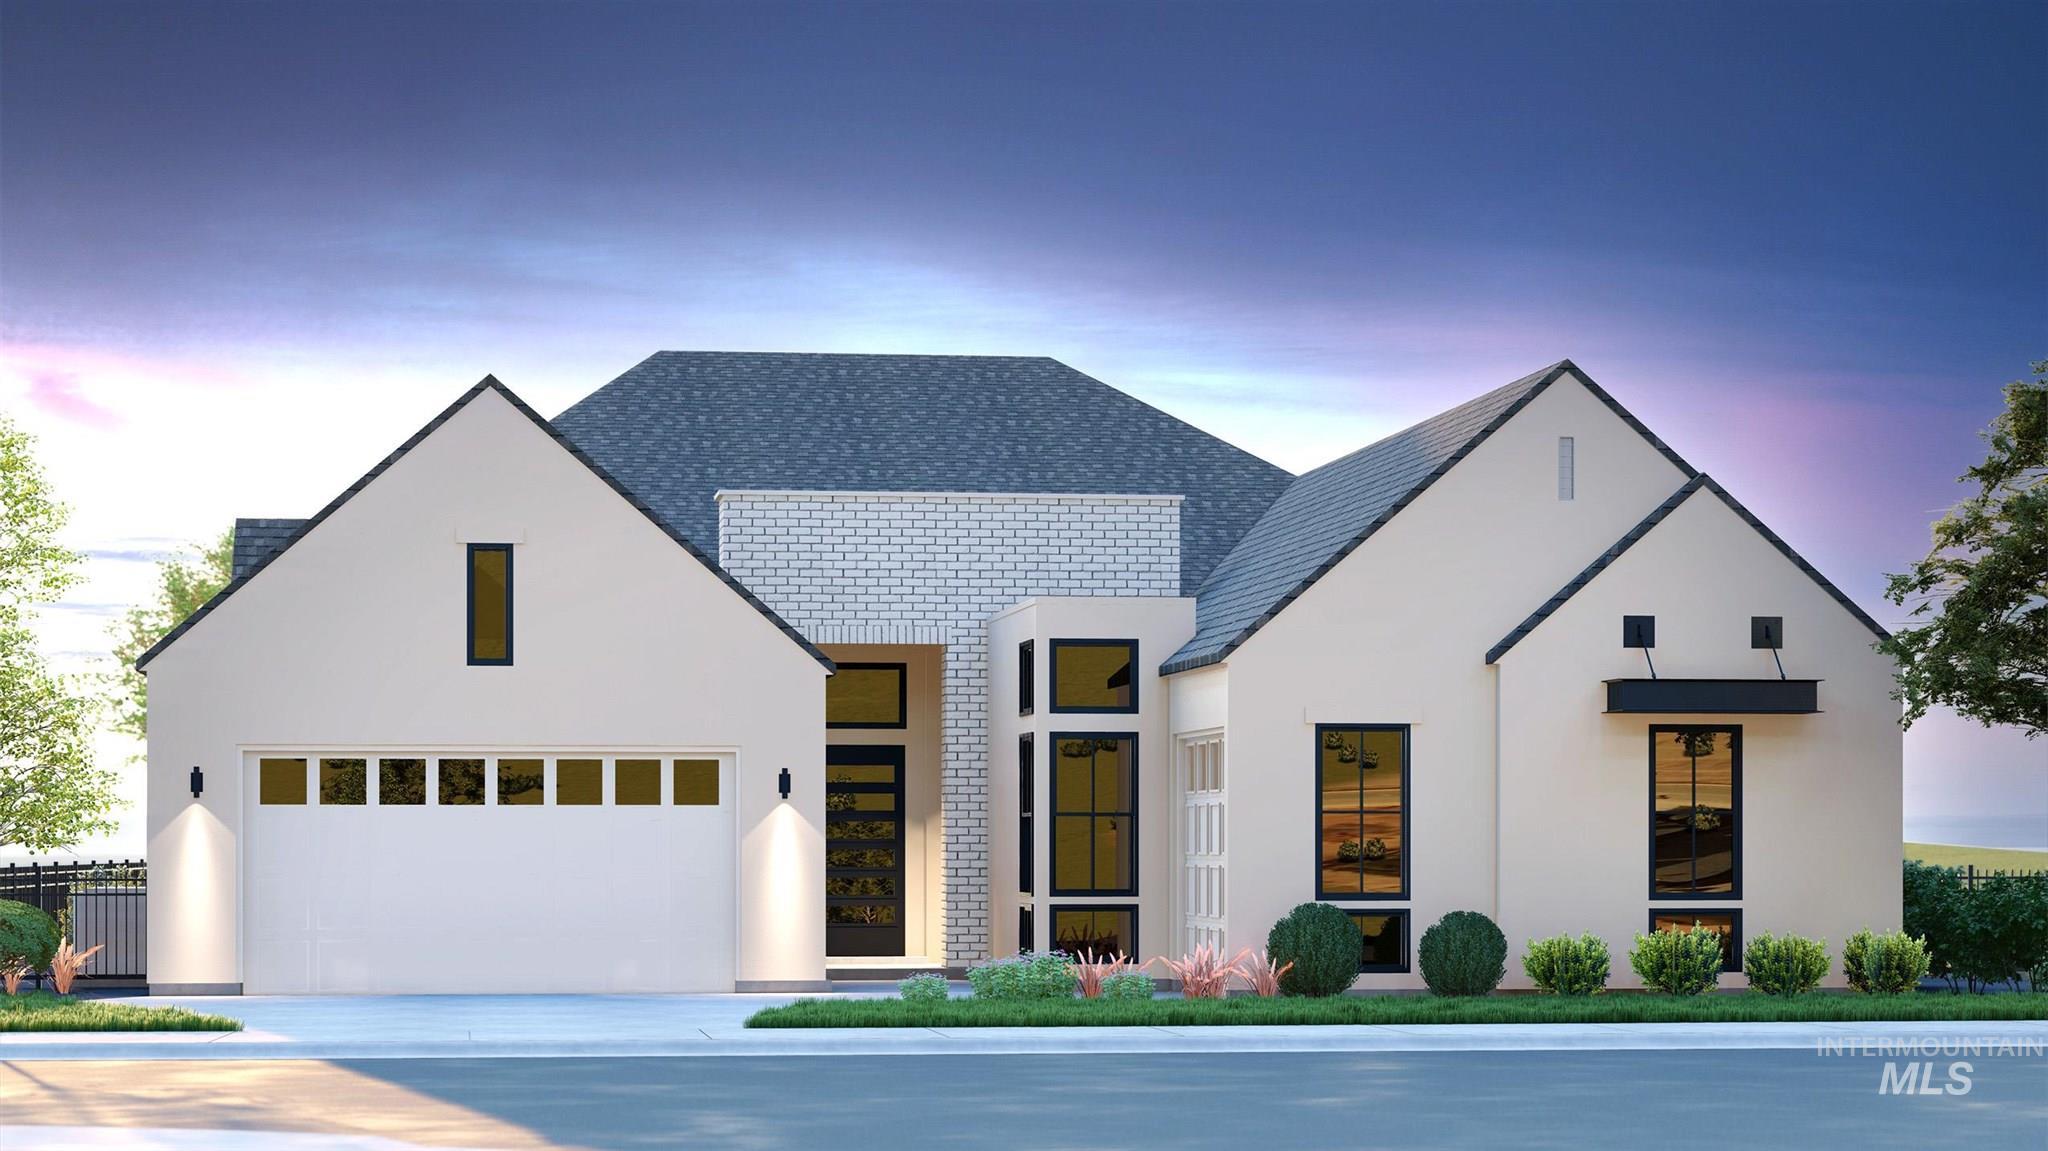 2524 S Grebe Ave Property Photo 1